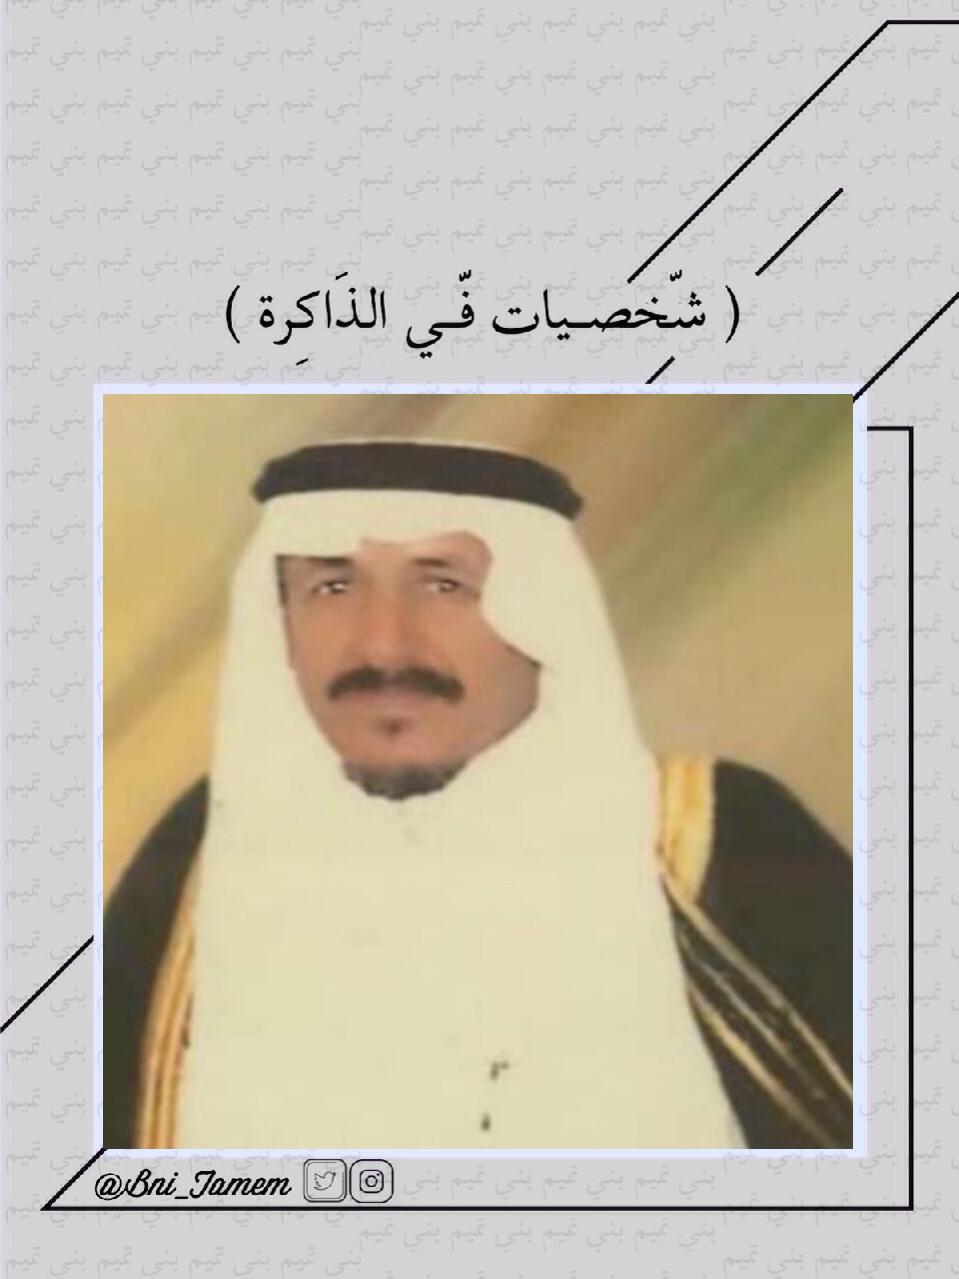 الشيخ / محمد بن عليوي الحمّٰاد رحمه الله